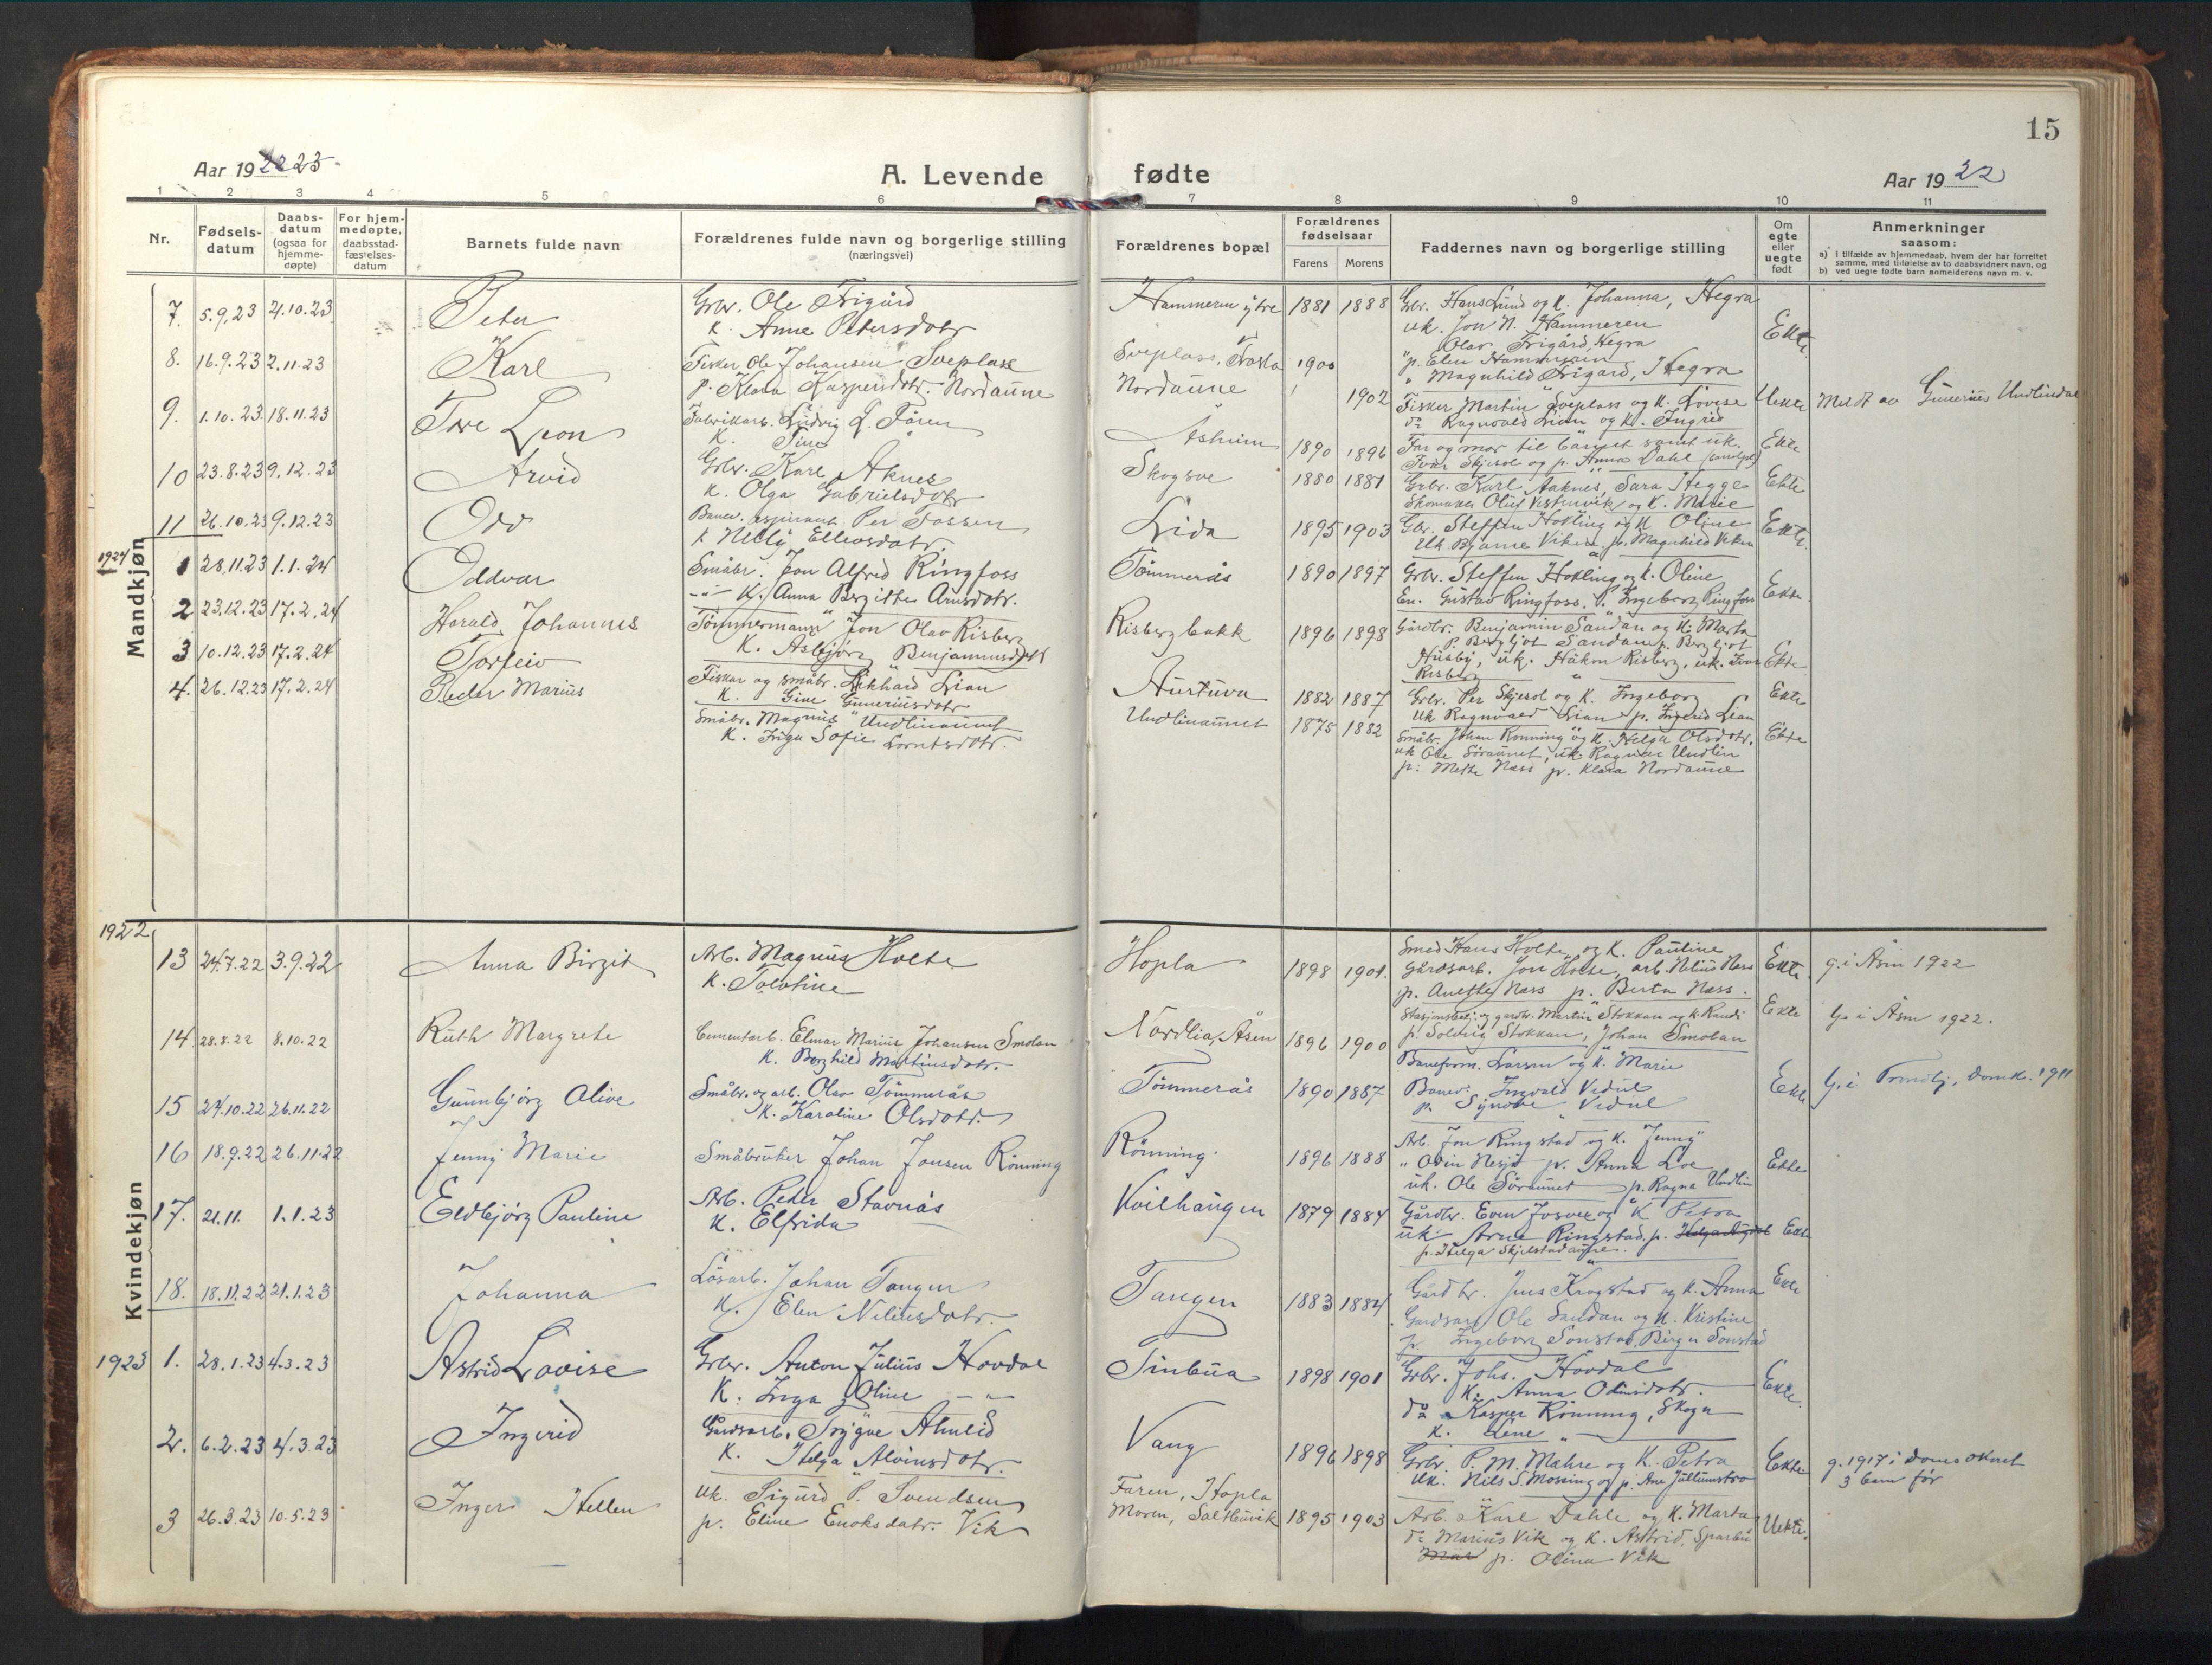 SAT, Ministerialprotokoller, klokkerbøker og fødselsregistre - Nord-Trøndelag, 714/L0136: Klokkerbok nr. 714C05, 1918-1957, s. 15